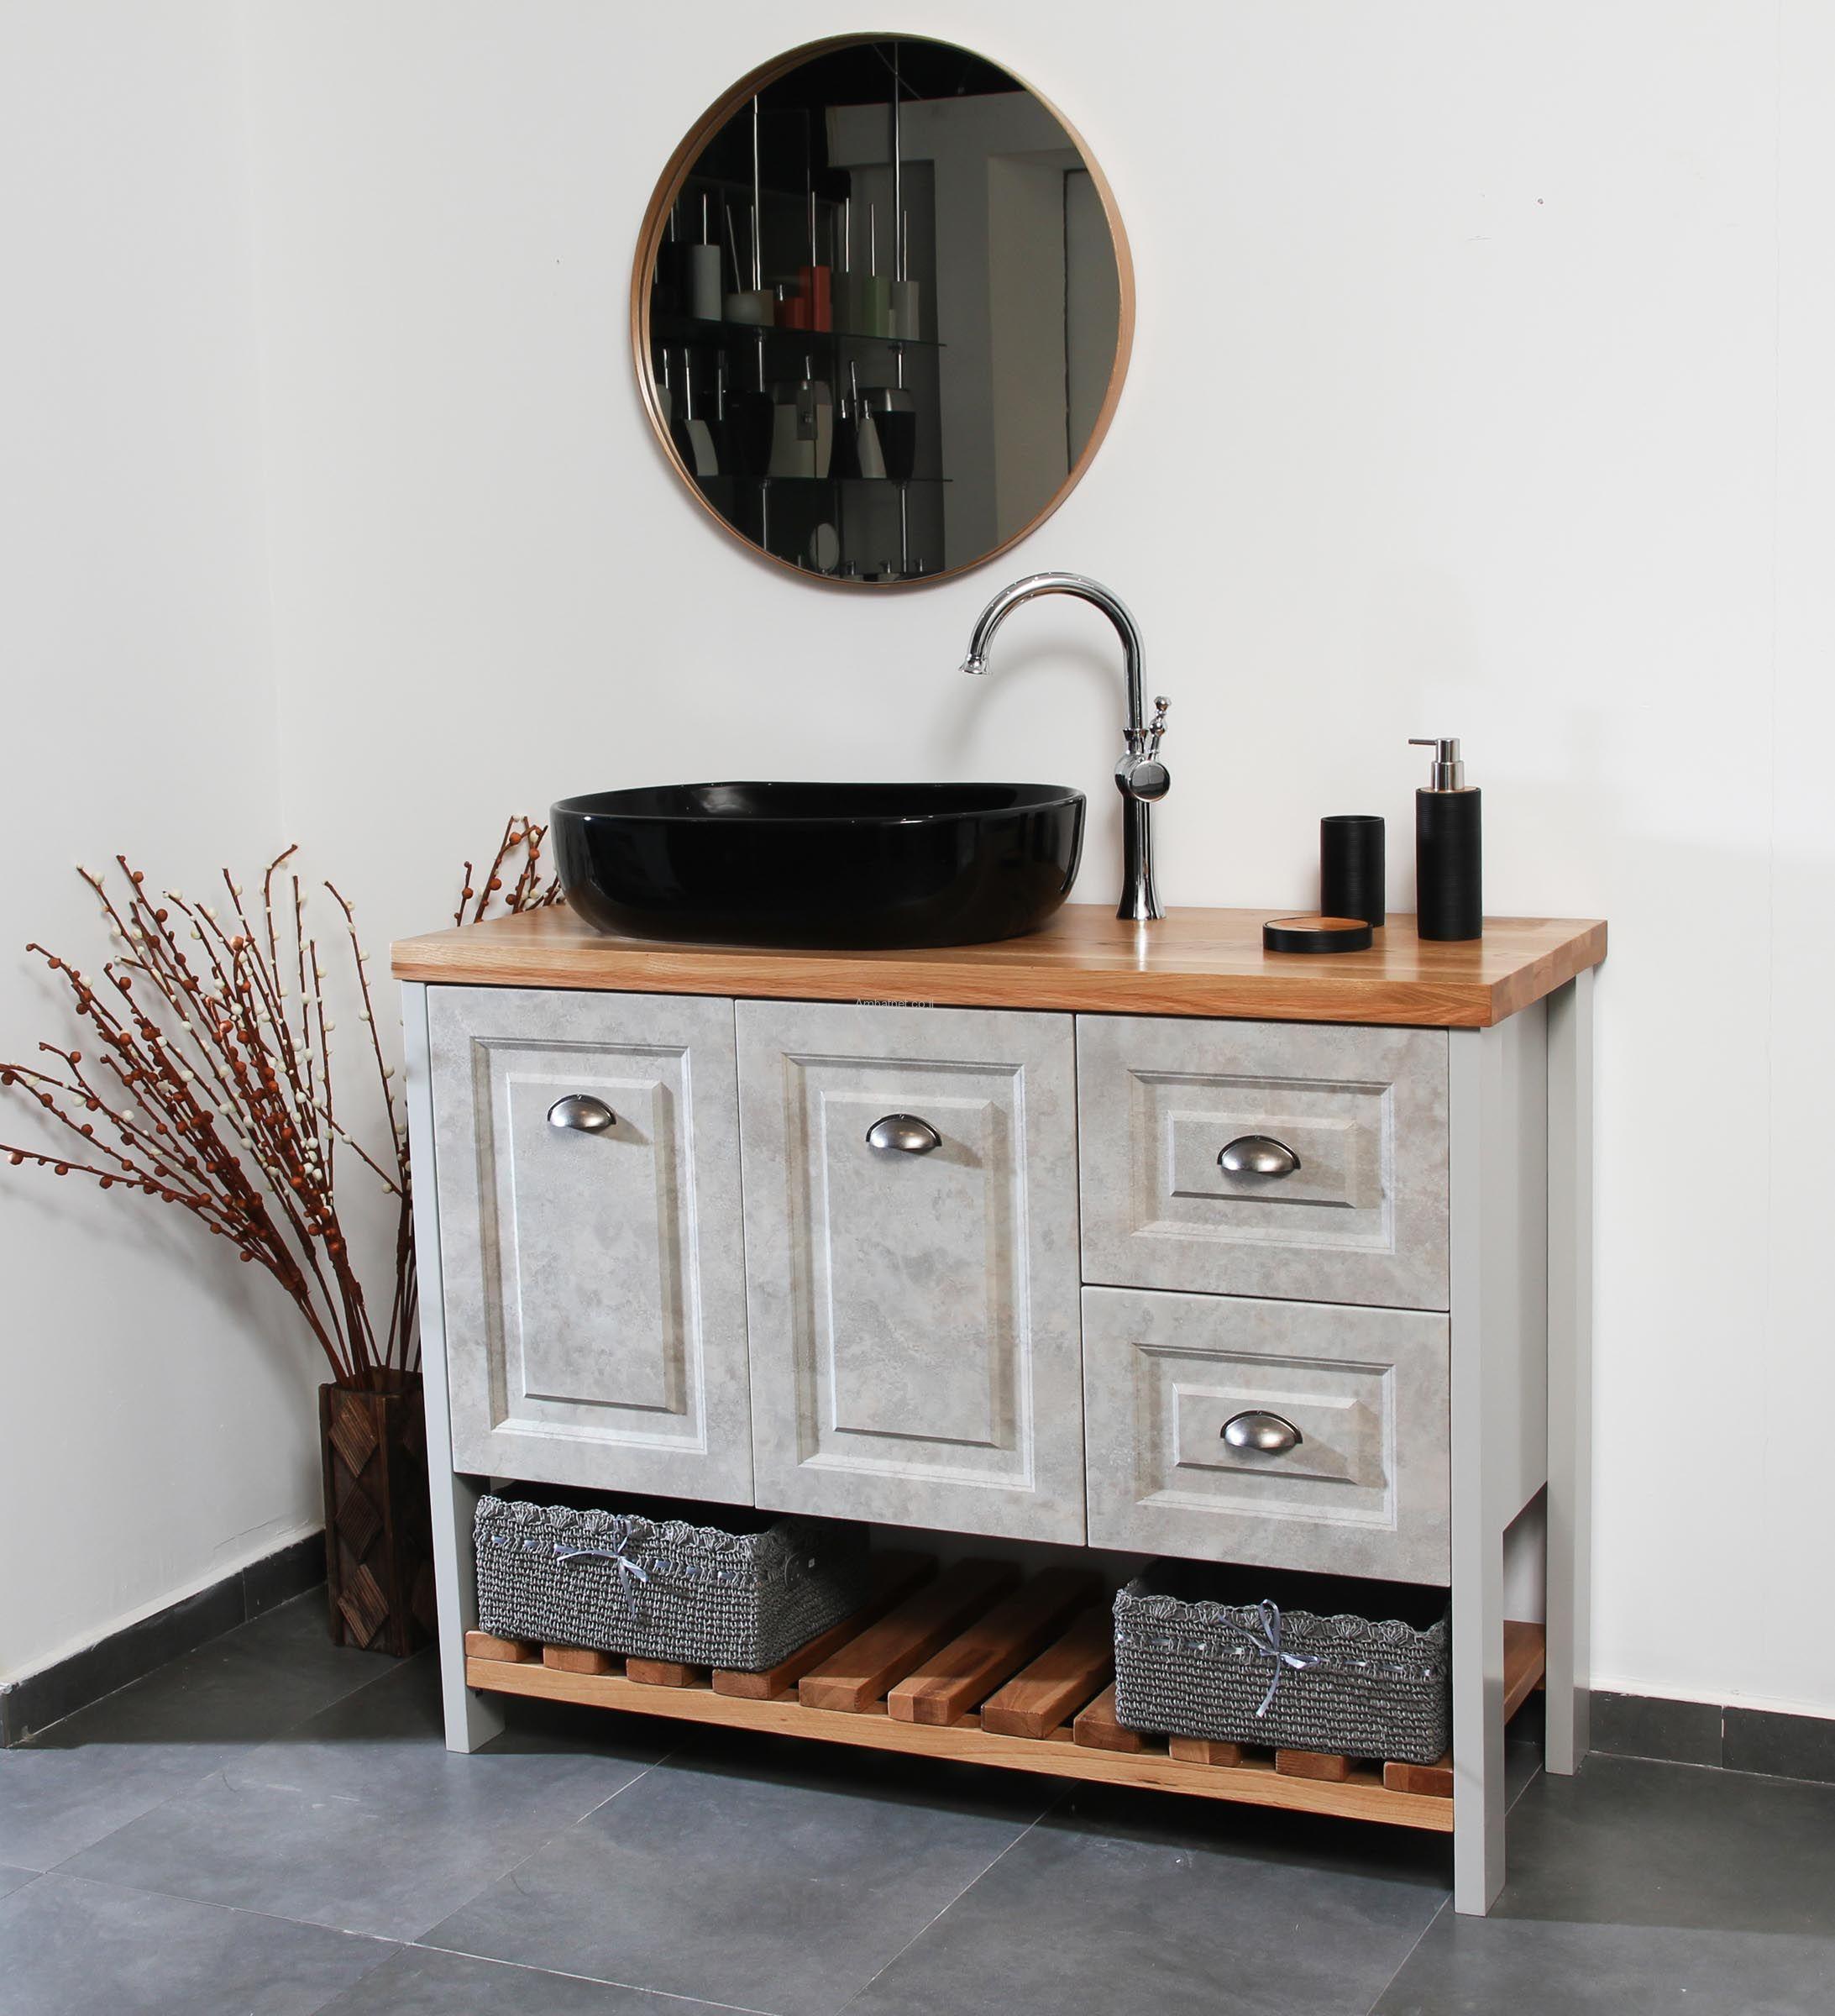 ארון אמבטיה בטון עומד בשילוב עם עץ אלון מבוקע